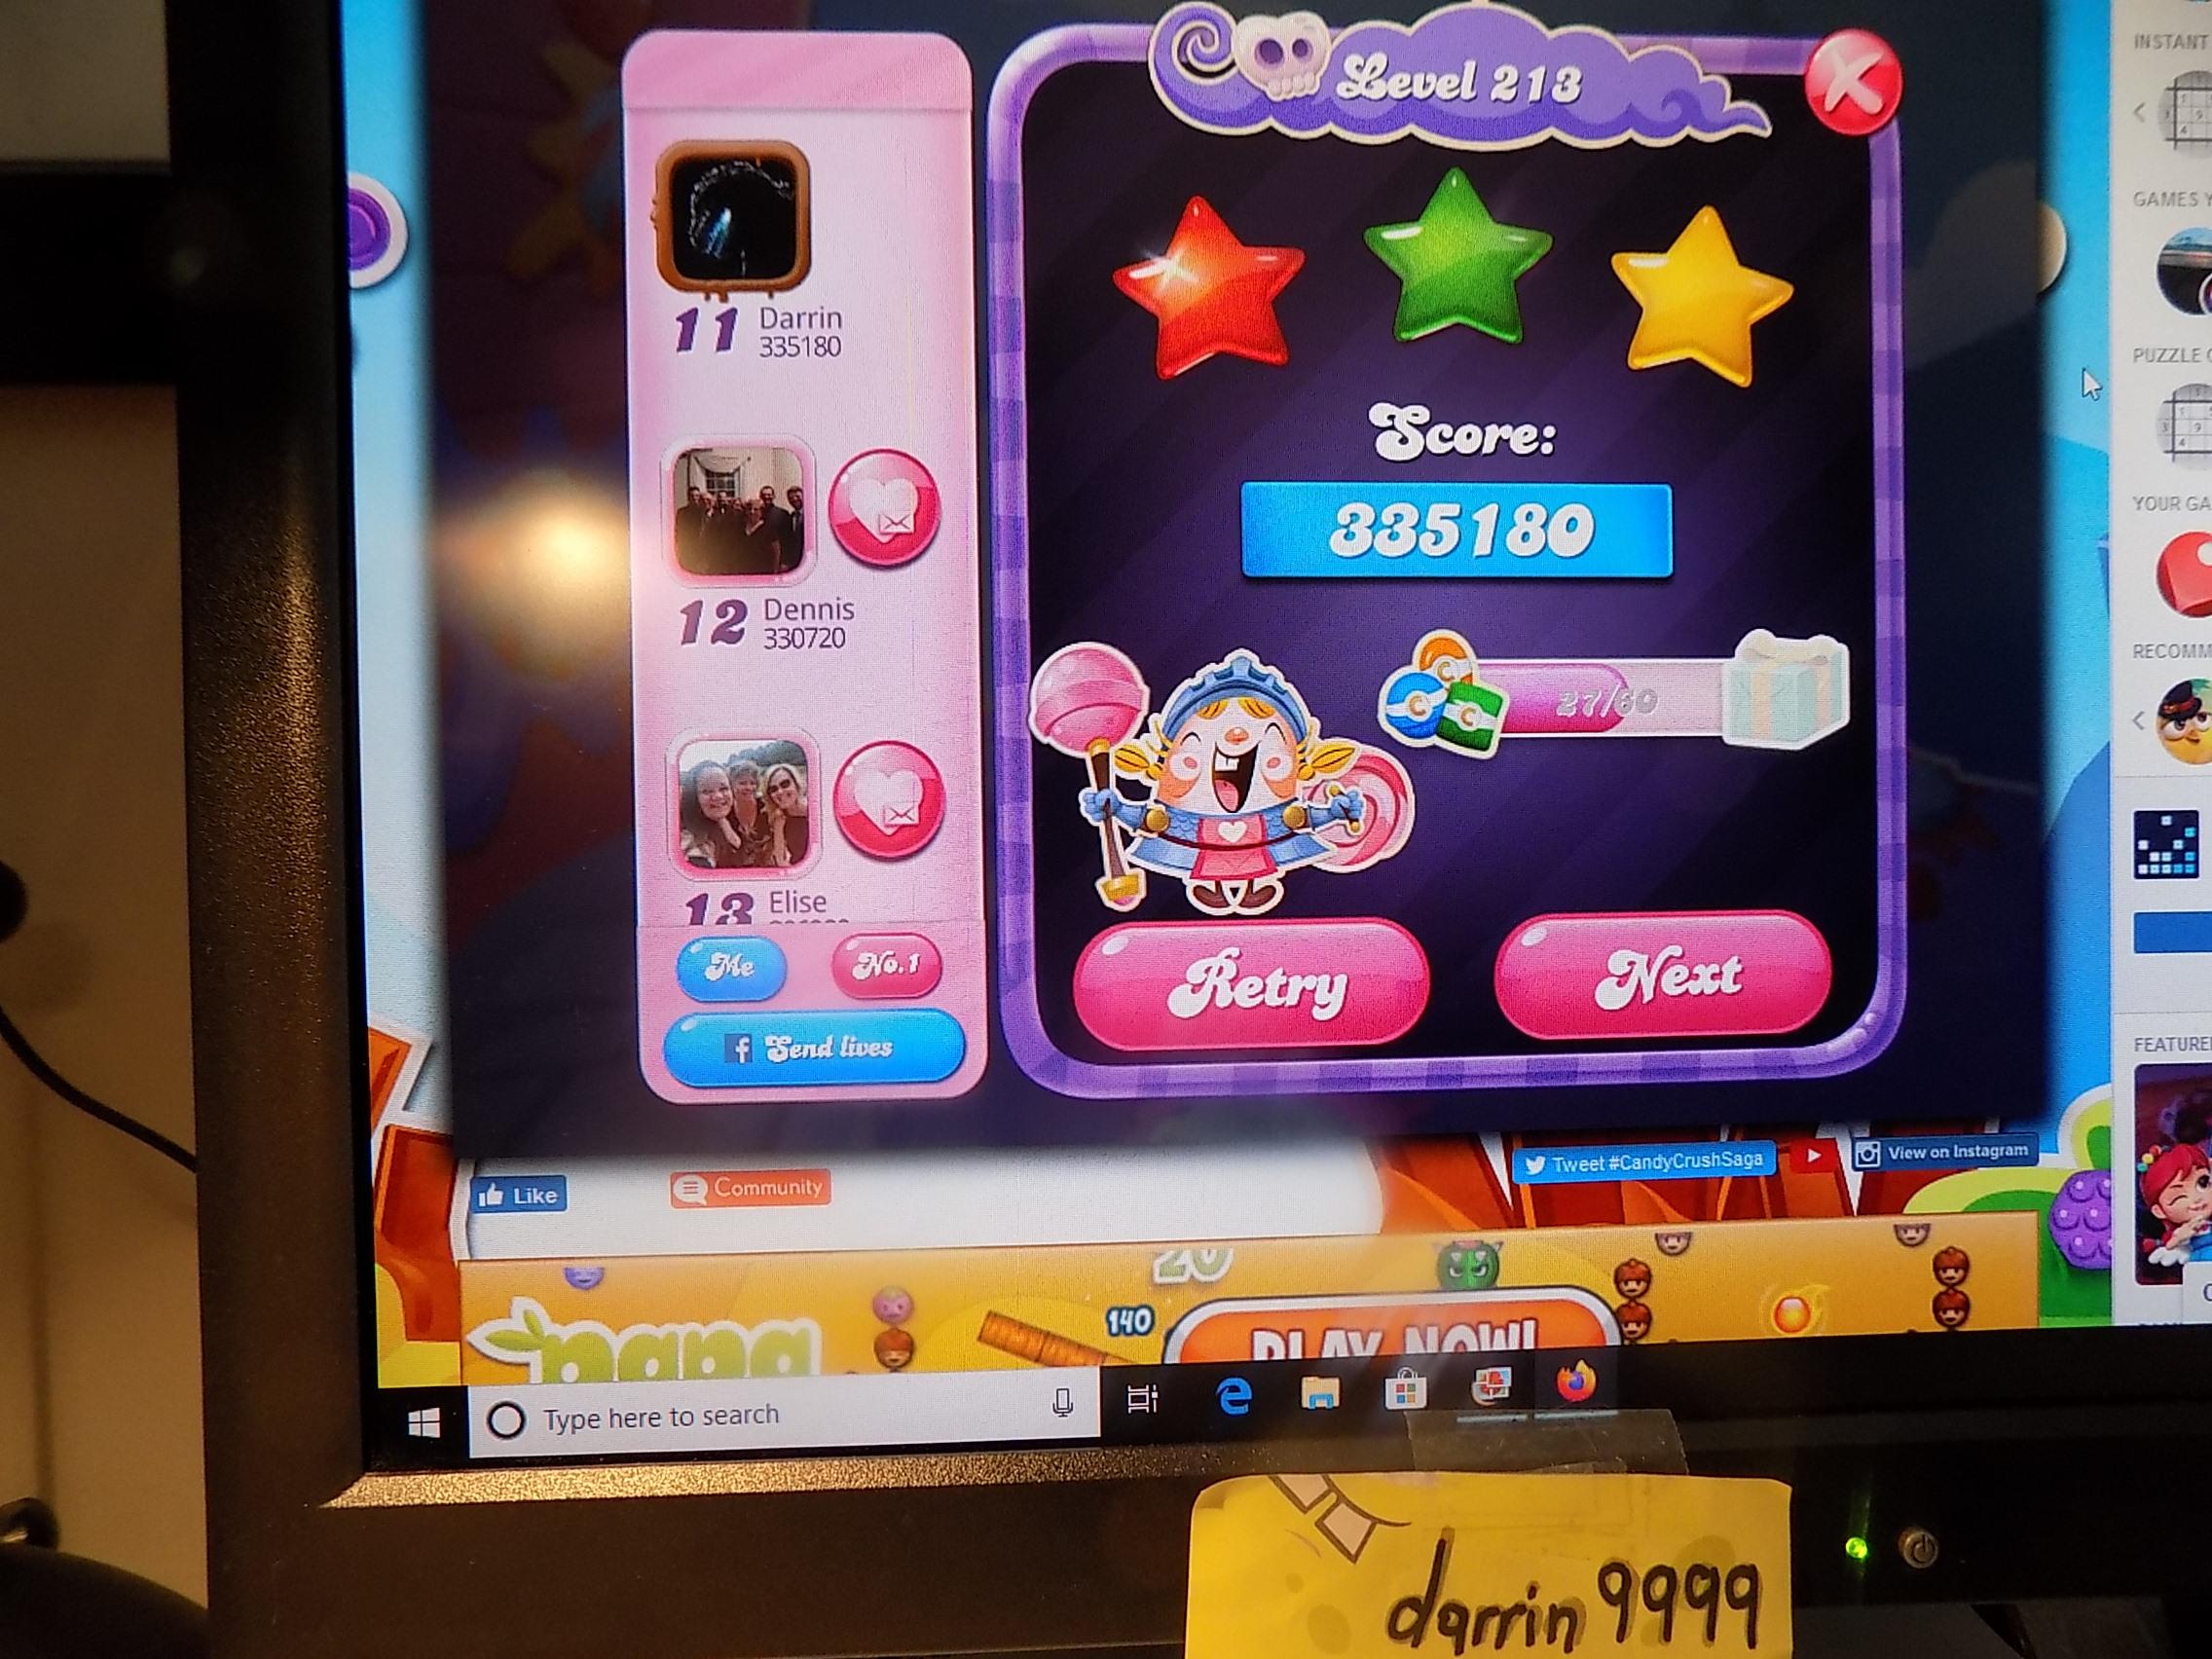 darrin9999: Candy Crush Saga: Level 213 (Web) 335,180 points on 2019-11-18 06:42:02